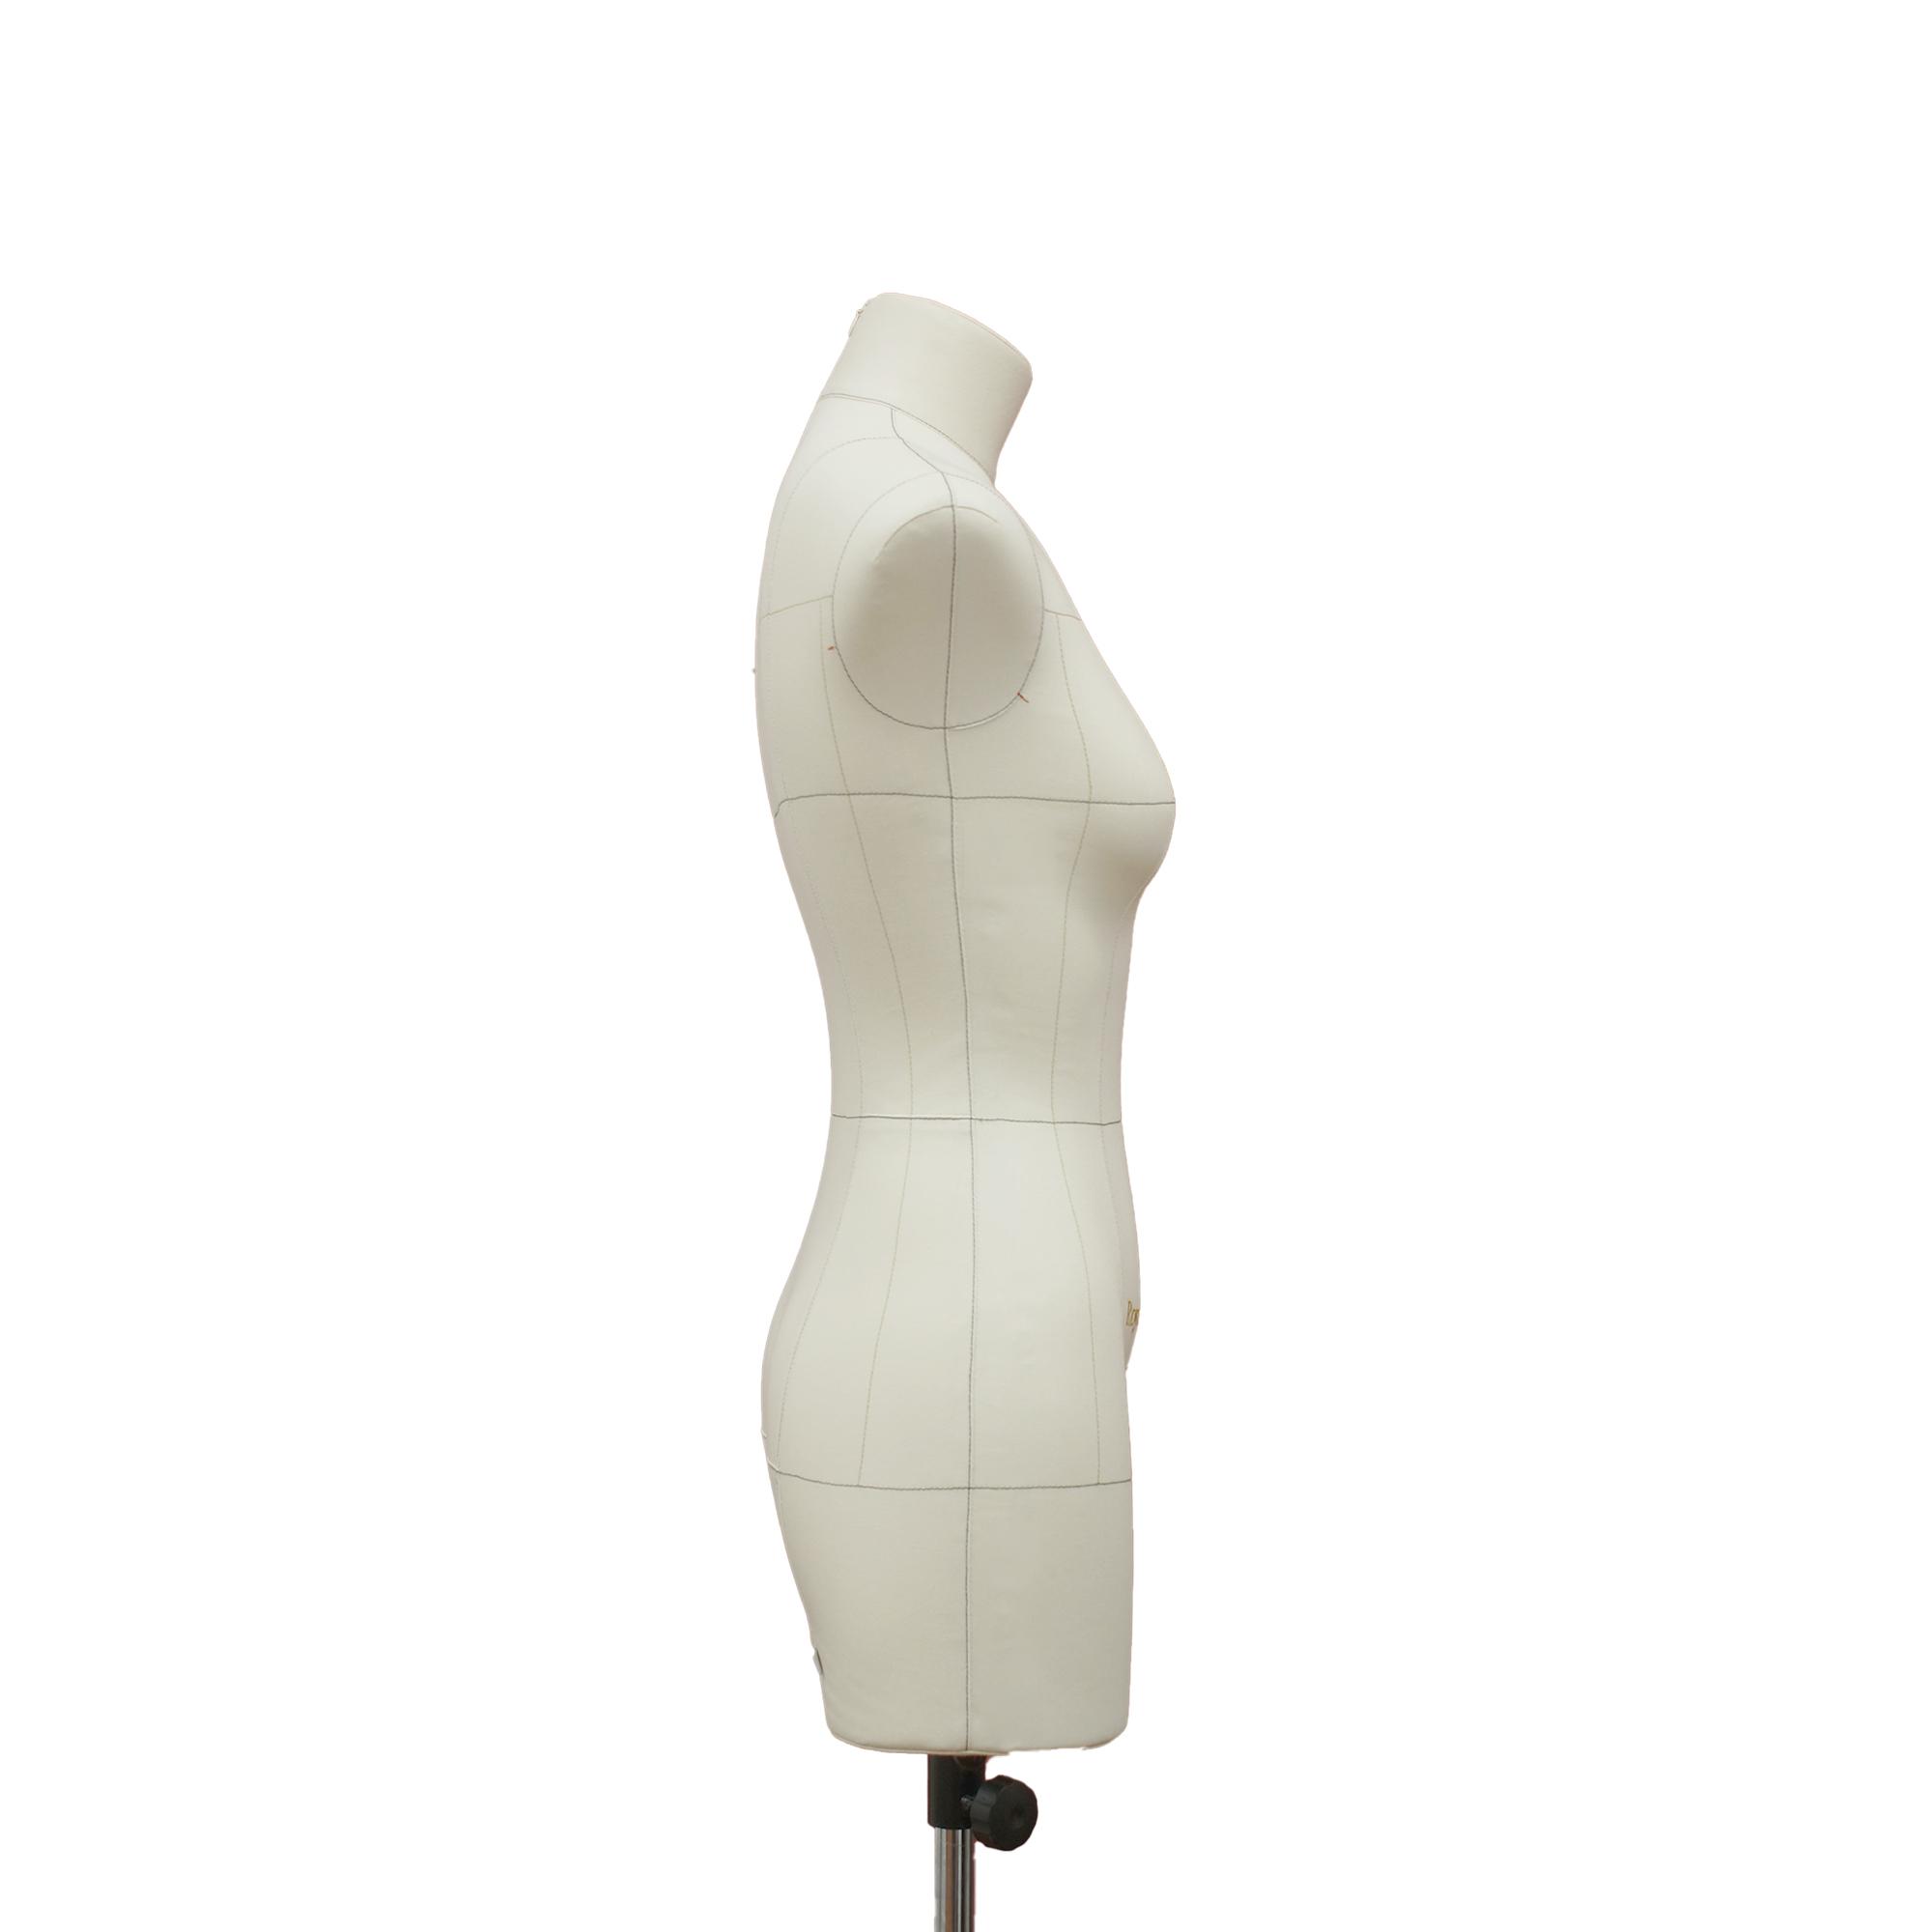 Манекен портновский Моника, комплект Про, размер 44, тип фигуры Прямоугольник, бежевыйФото 2